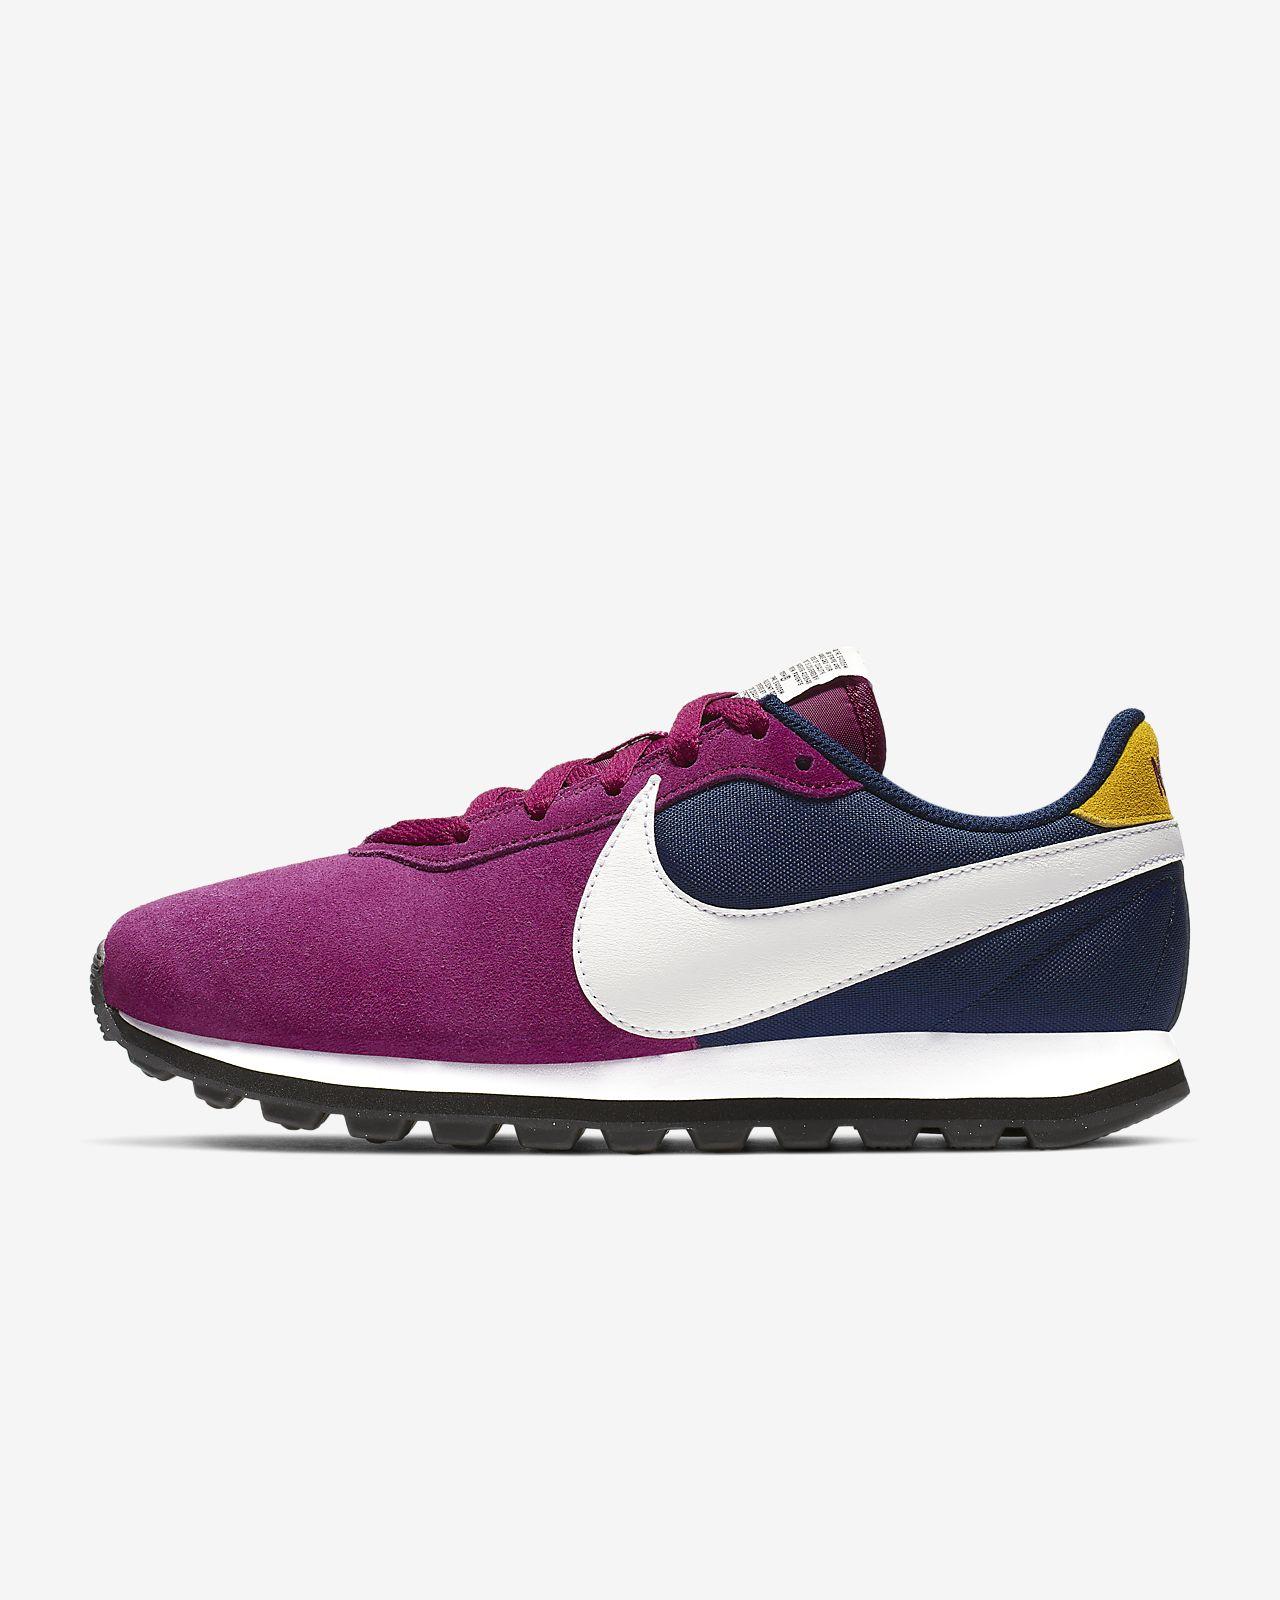 Nike Pre-Love O.X. Women's Shoe